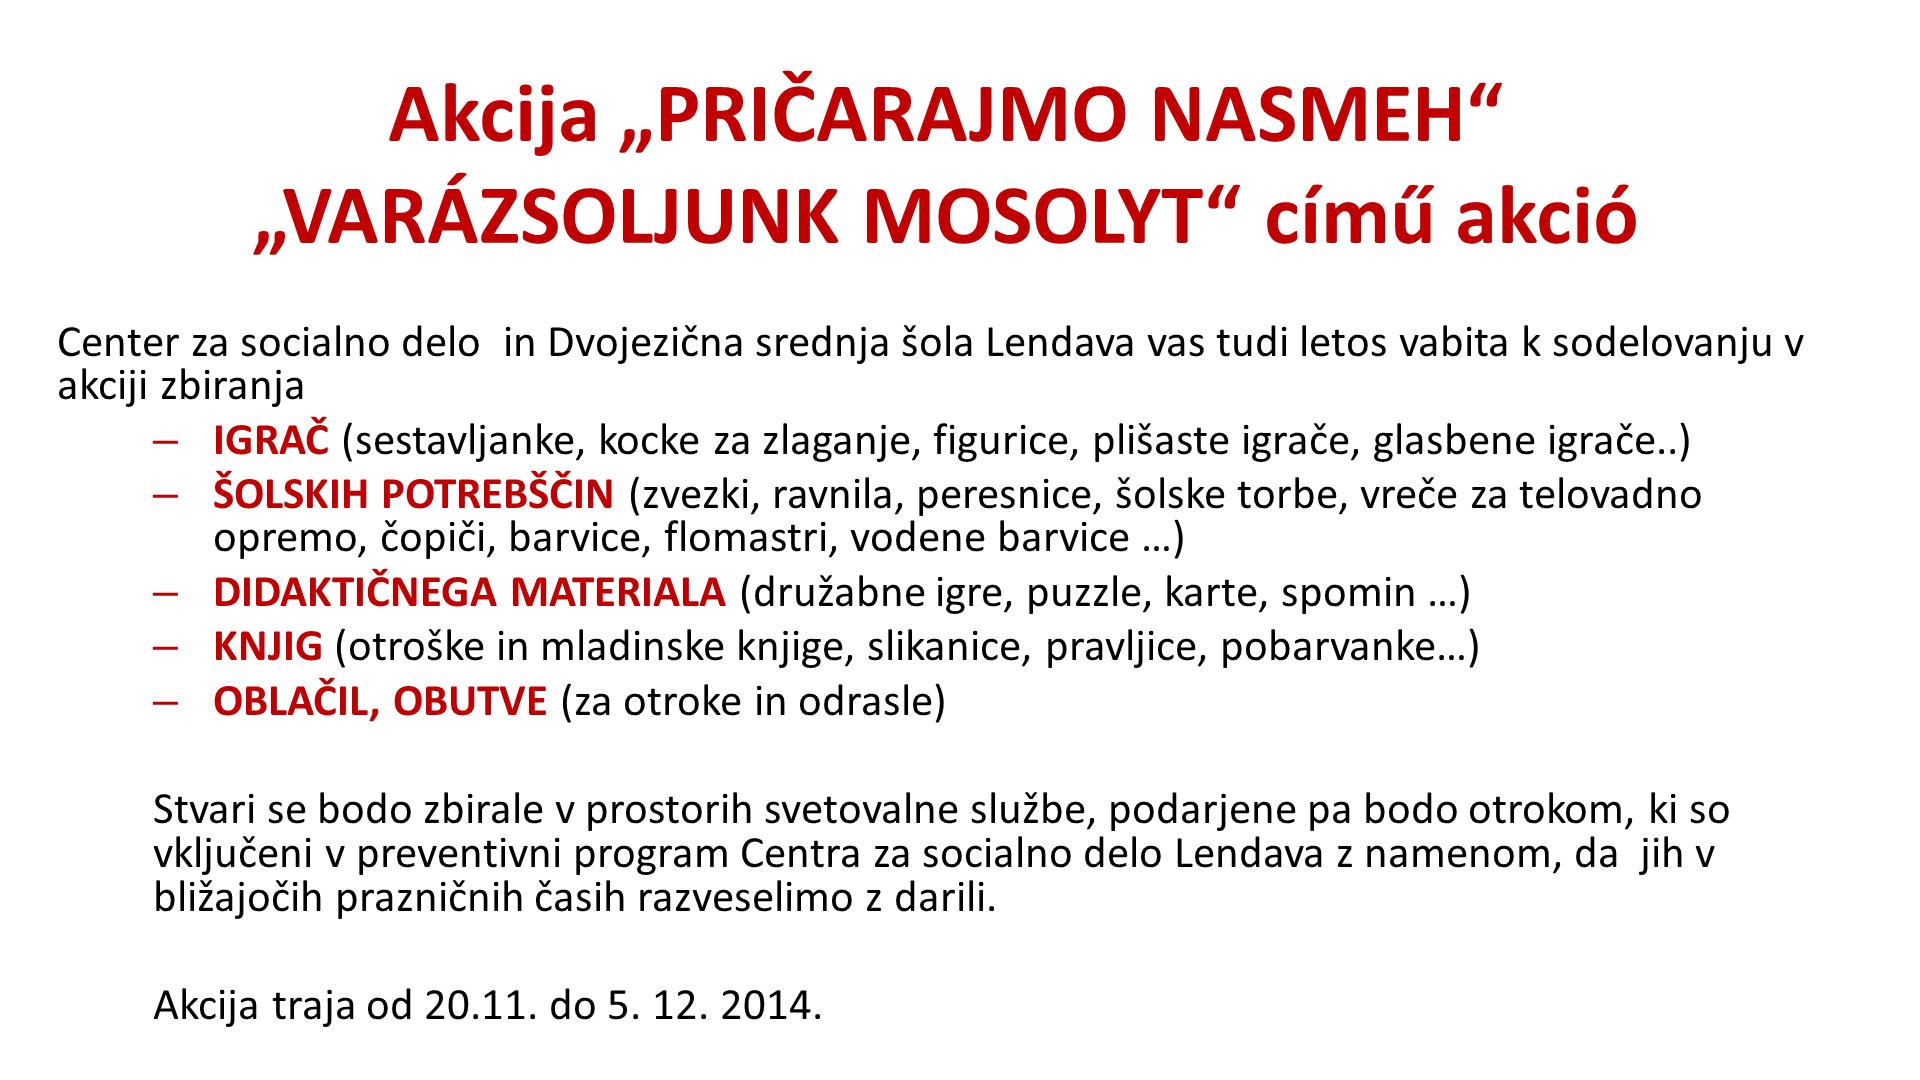 pricarajmo_nasmeh